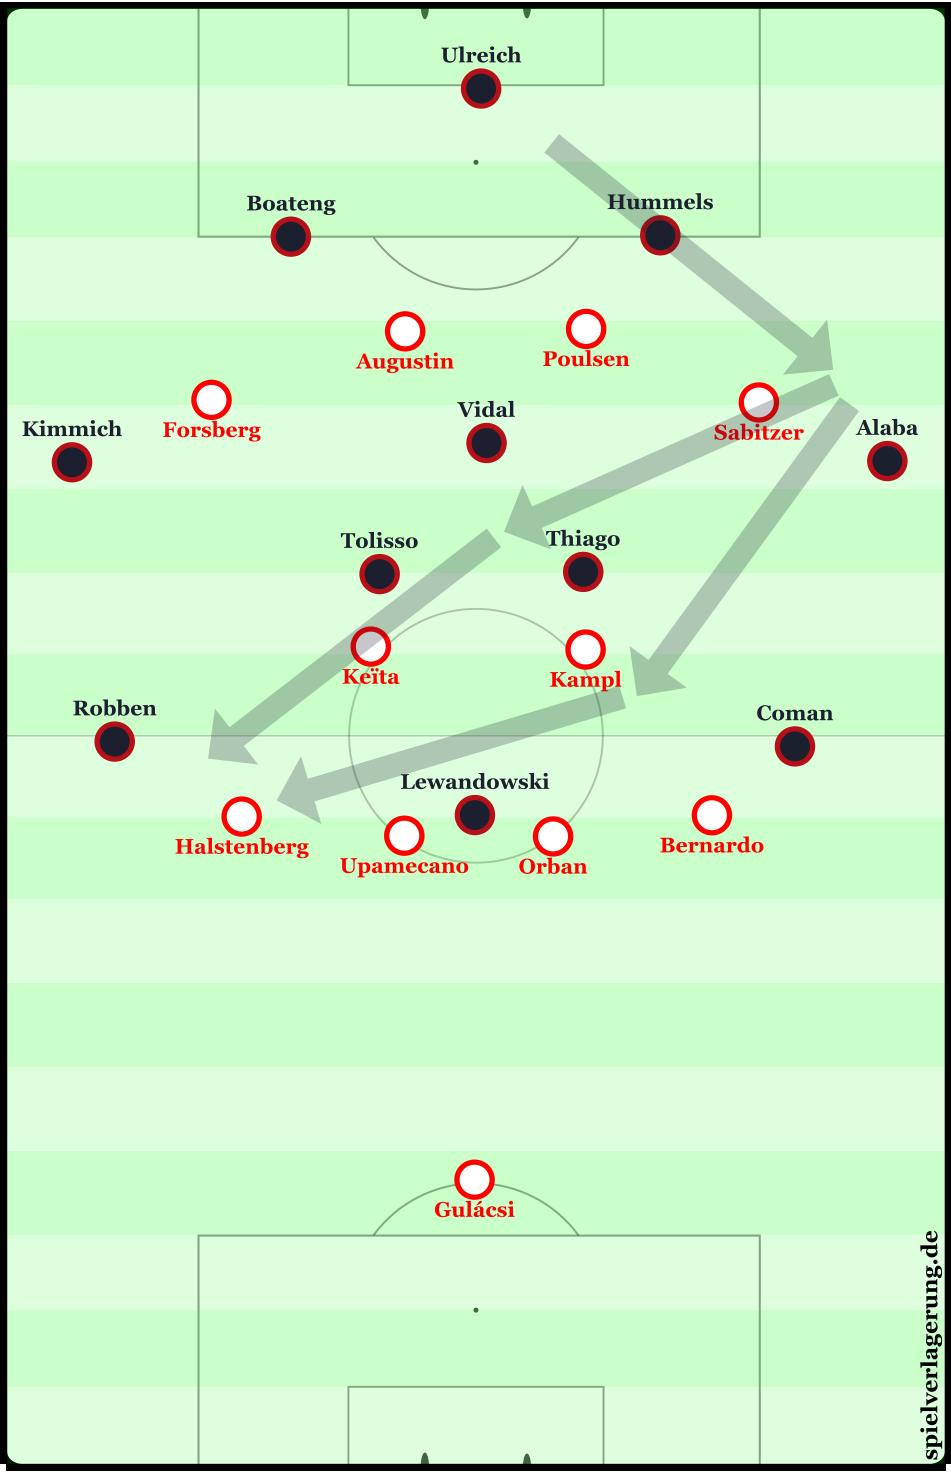 Angriffsmuster des FC Bayern